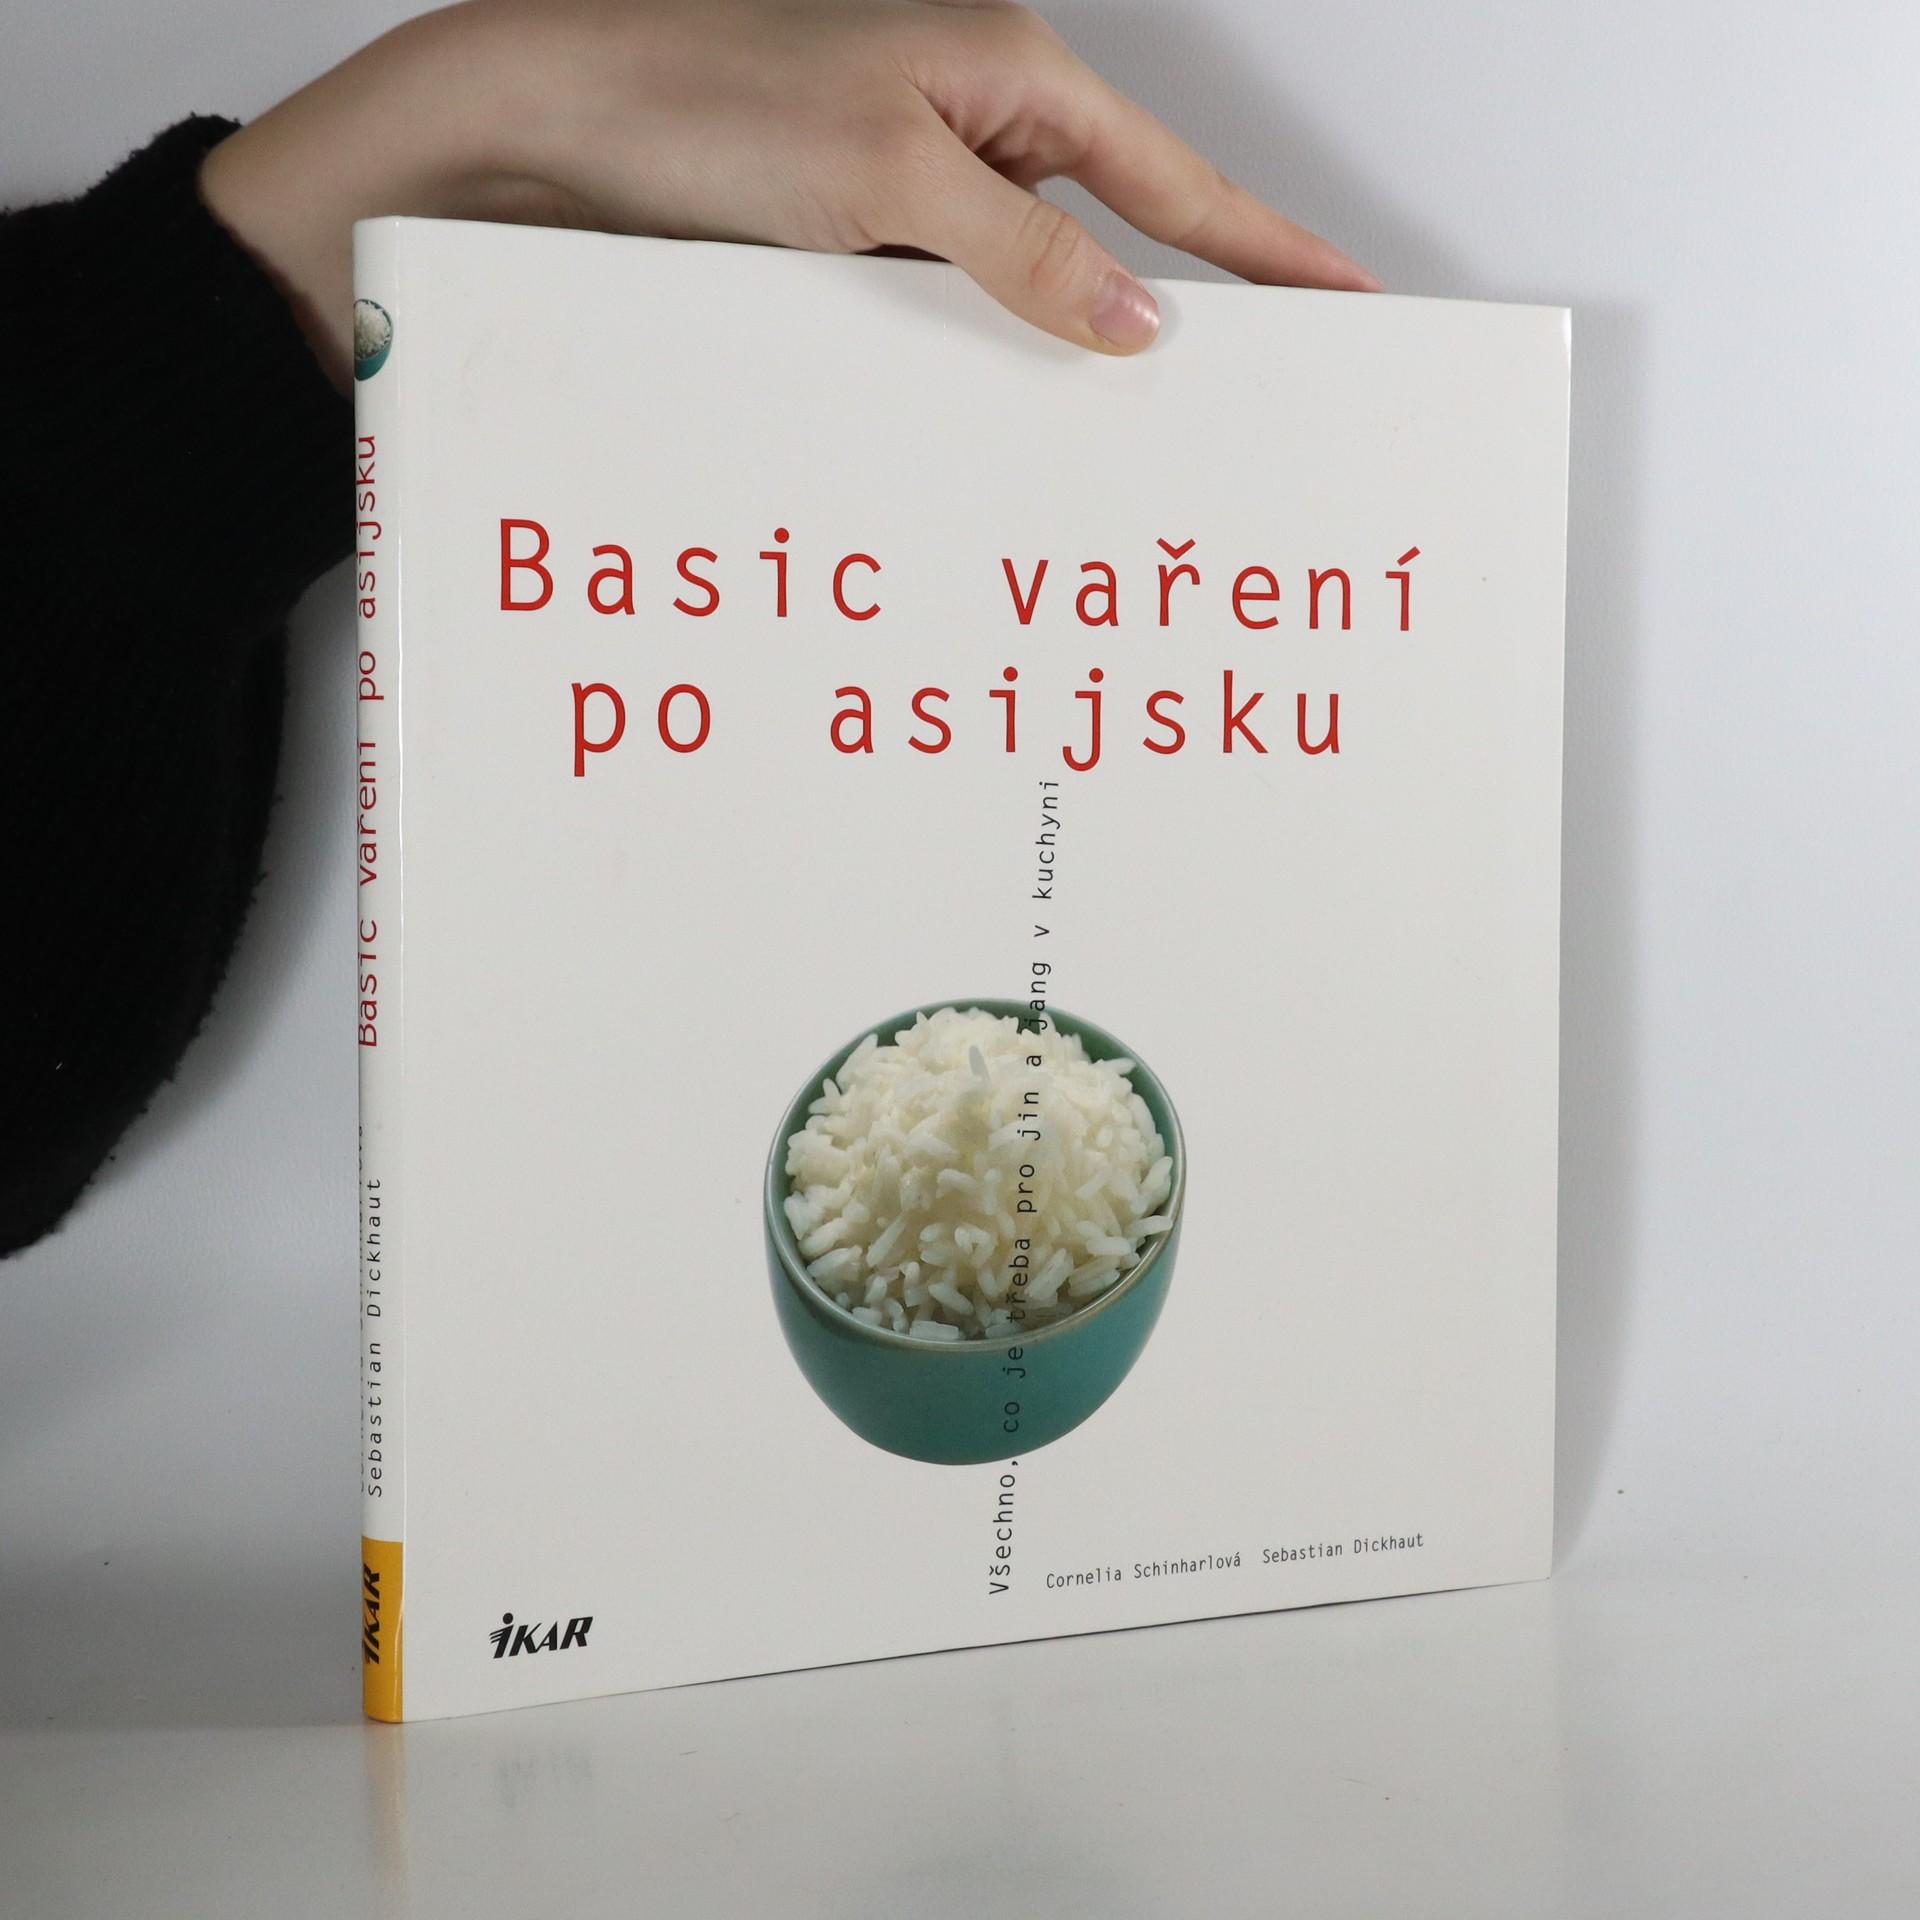 antikvární kniha Basic vaření po asijsku. Všechno, co je třeba pro jin a jang v kuchyni, 2006